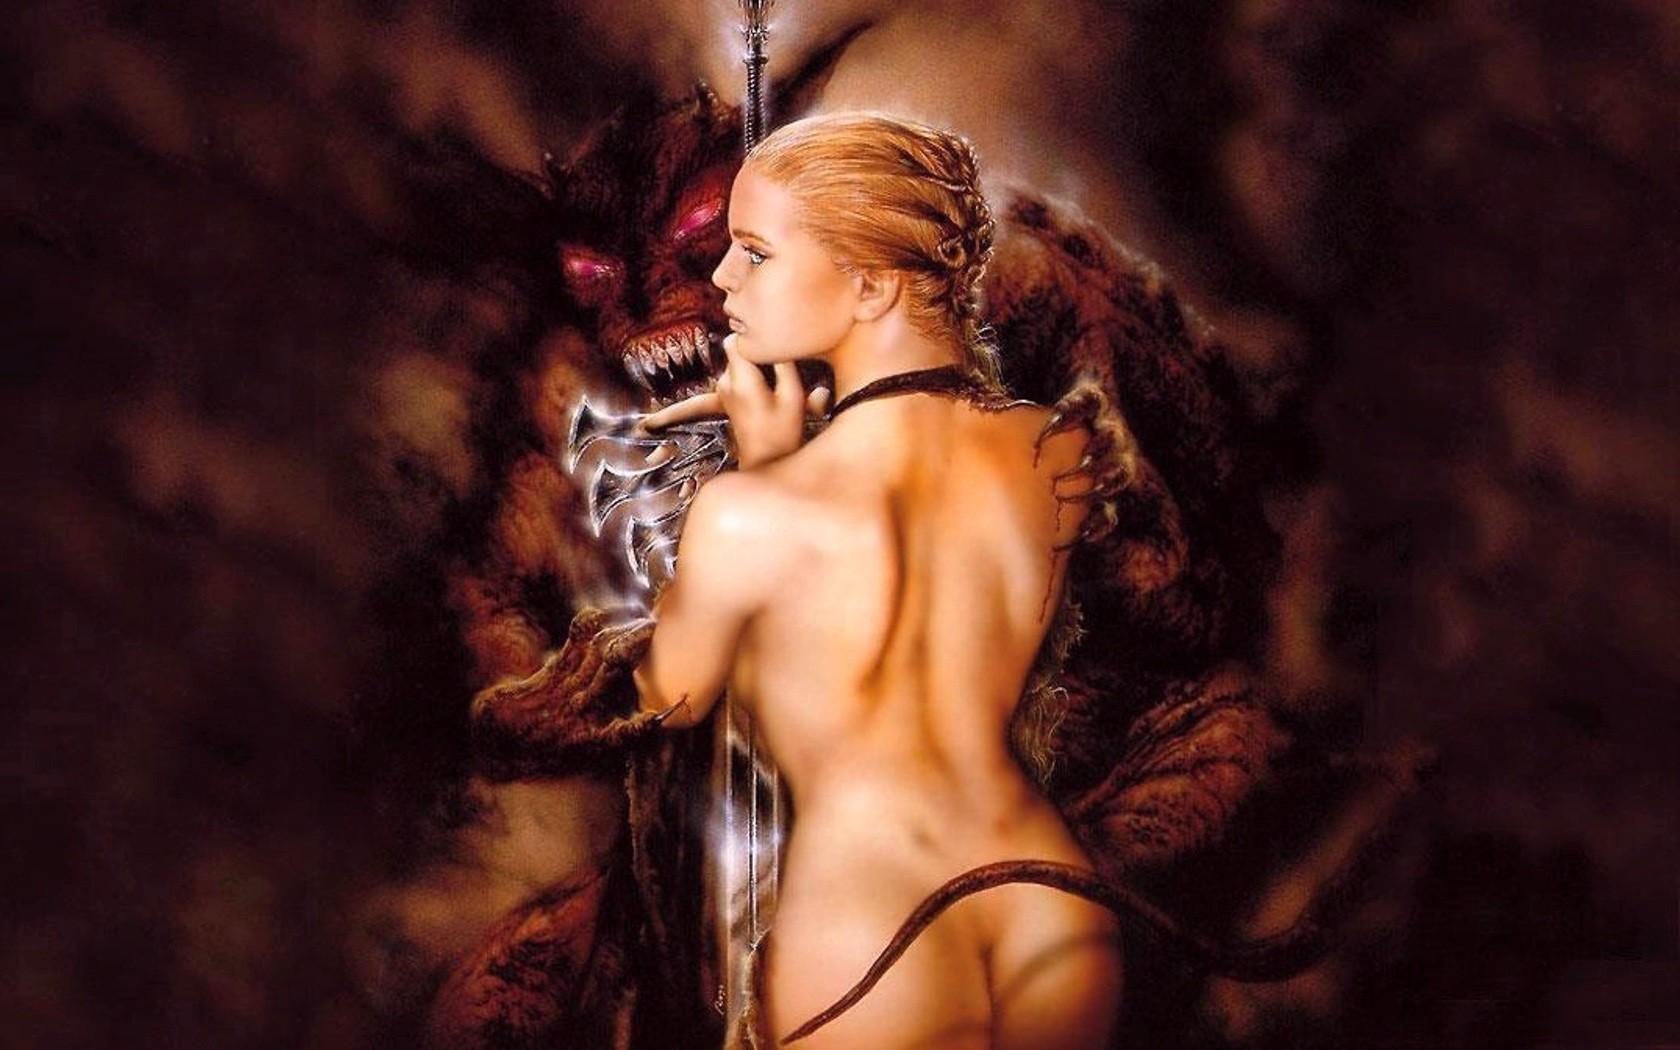 девушки фэнтези эротичные - 8